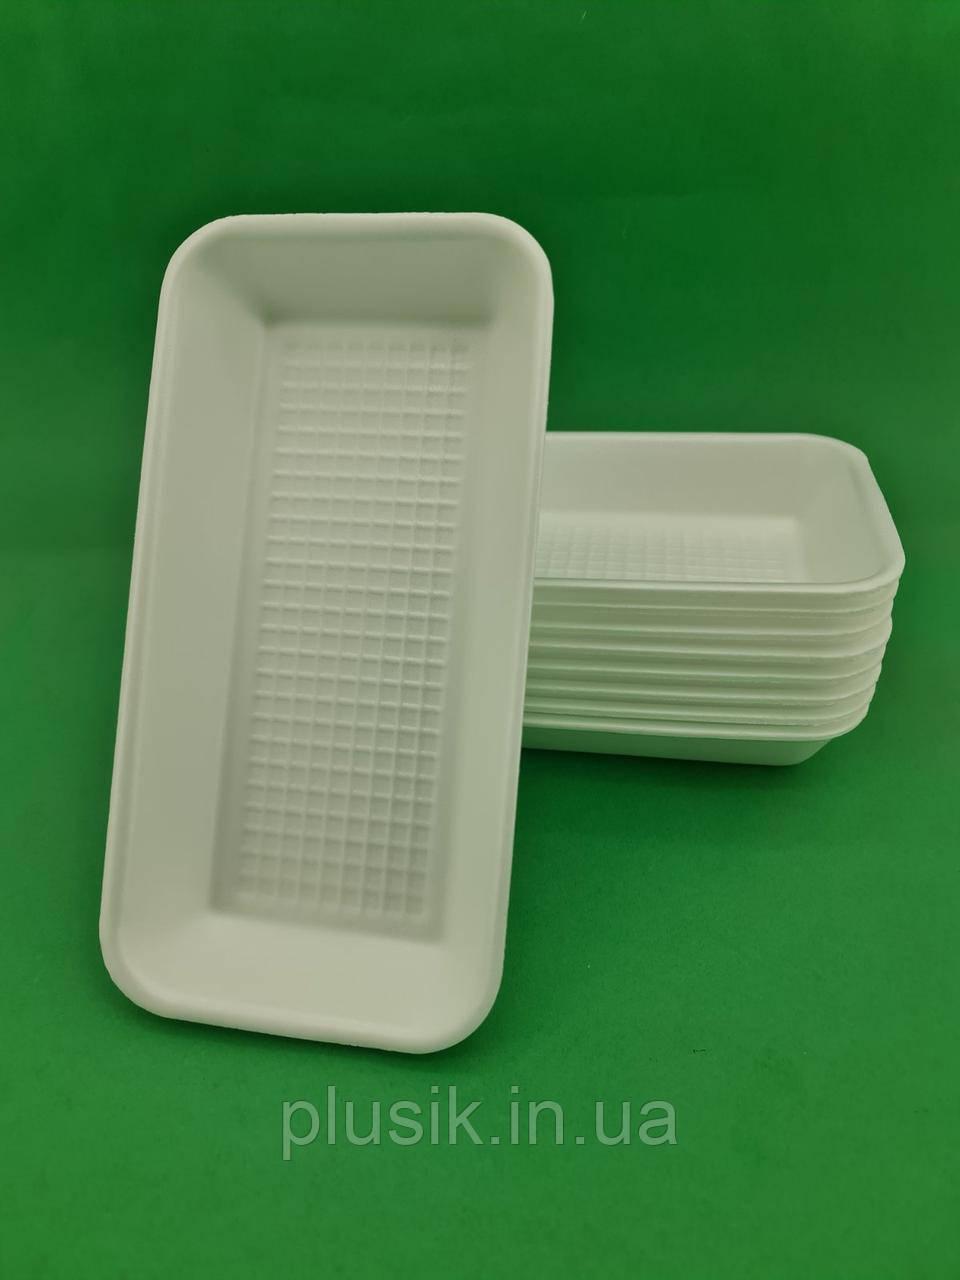 Підкладка (лотки) зі спіненого полістиролу (270*136*35)T-1-35 (200 шт)